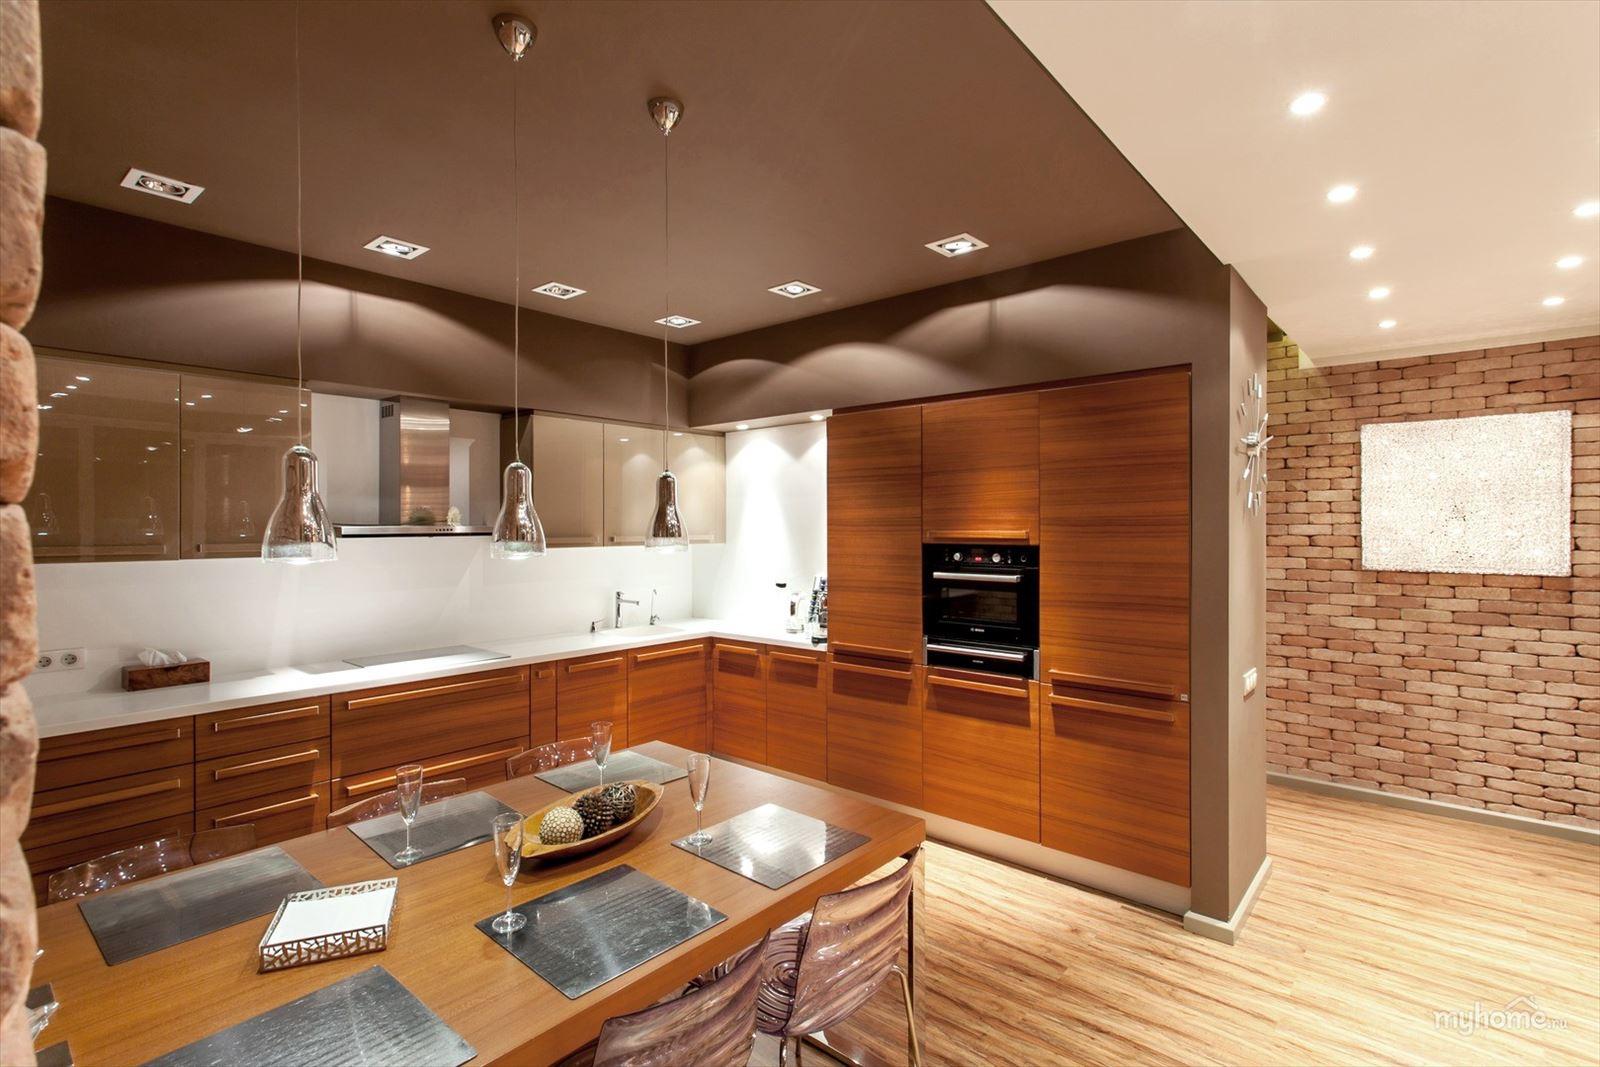 dizajn-kvartiry-v-stile-loft-2016